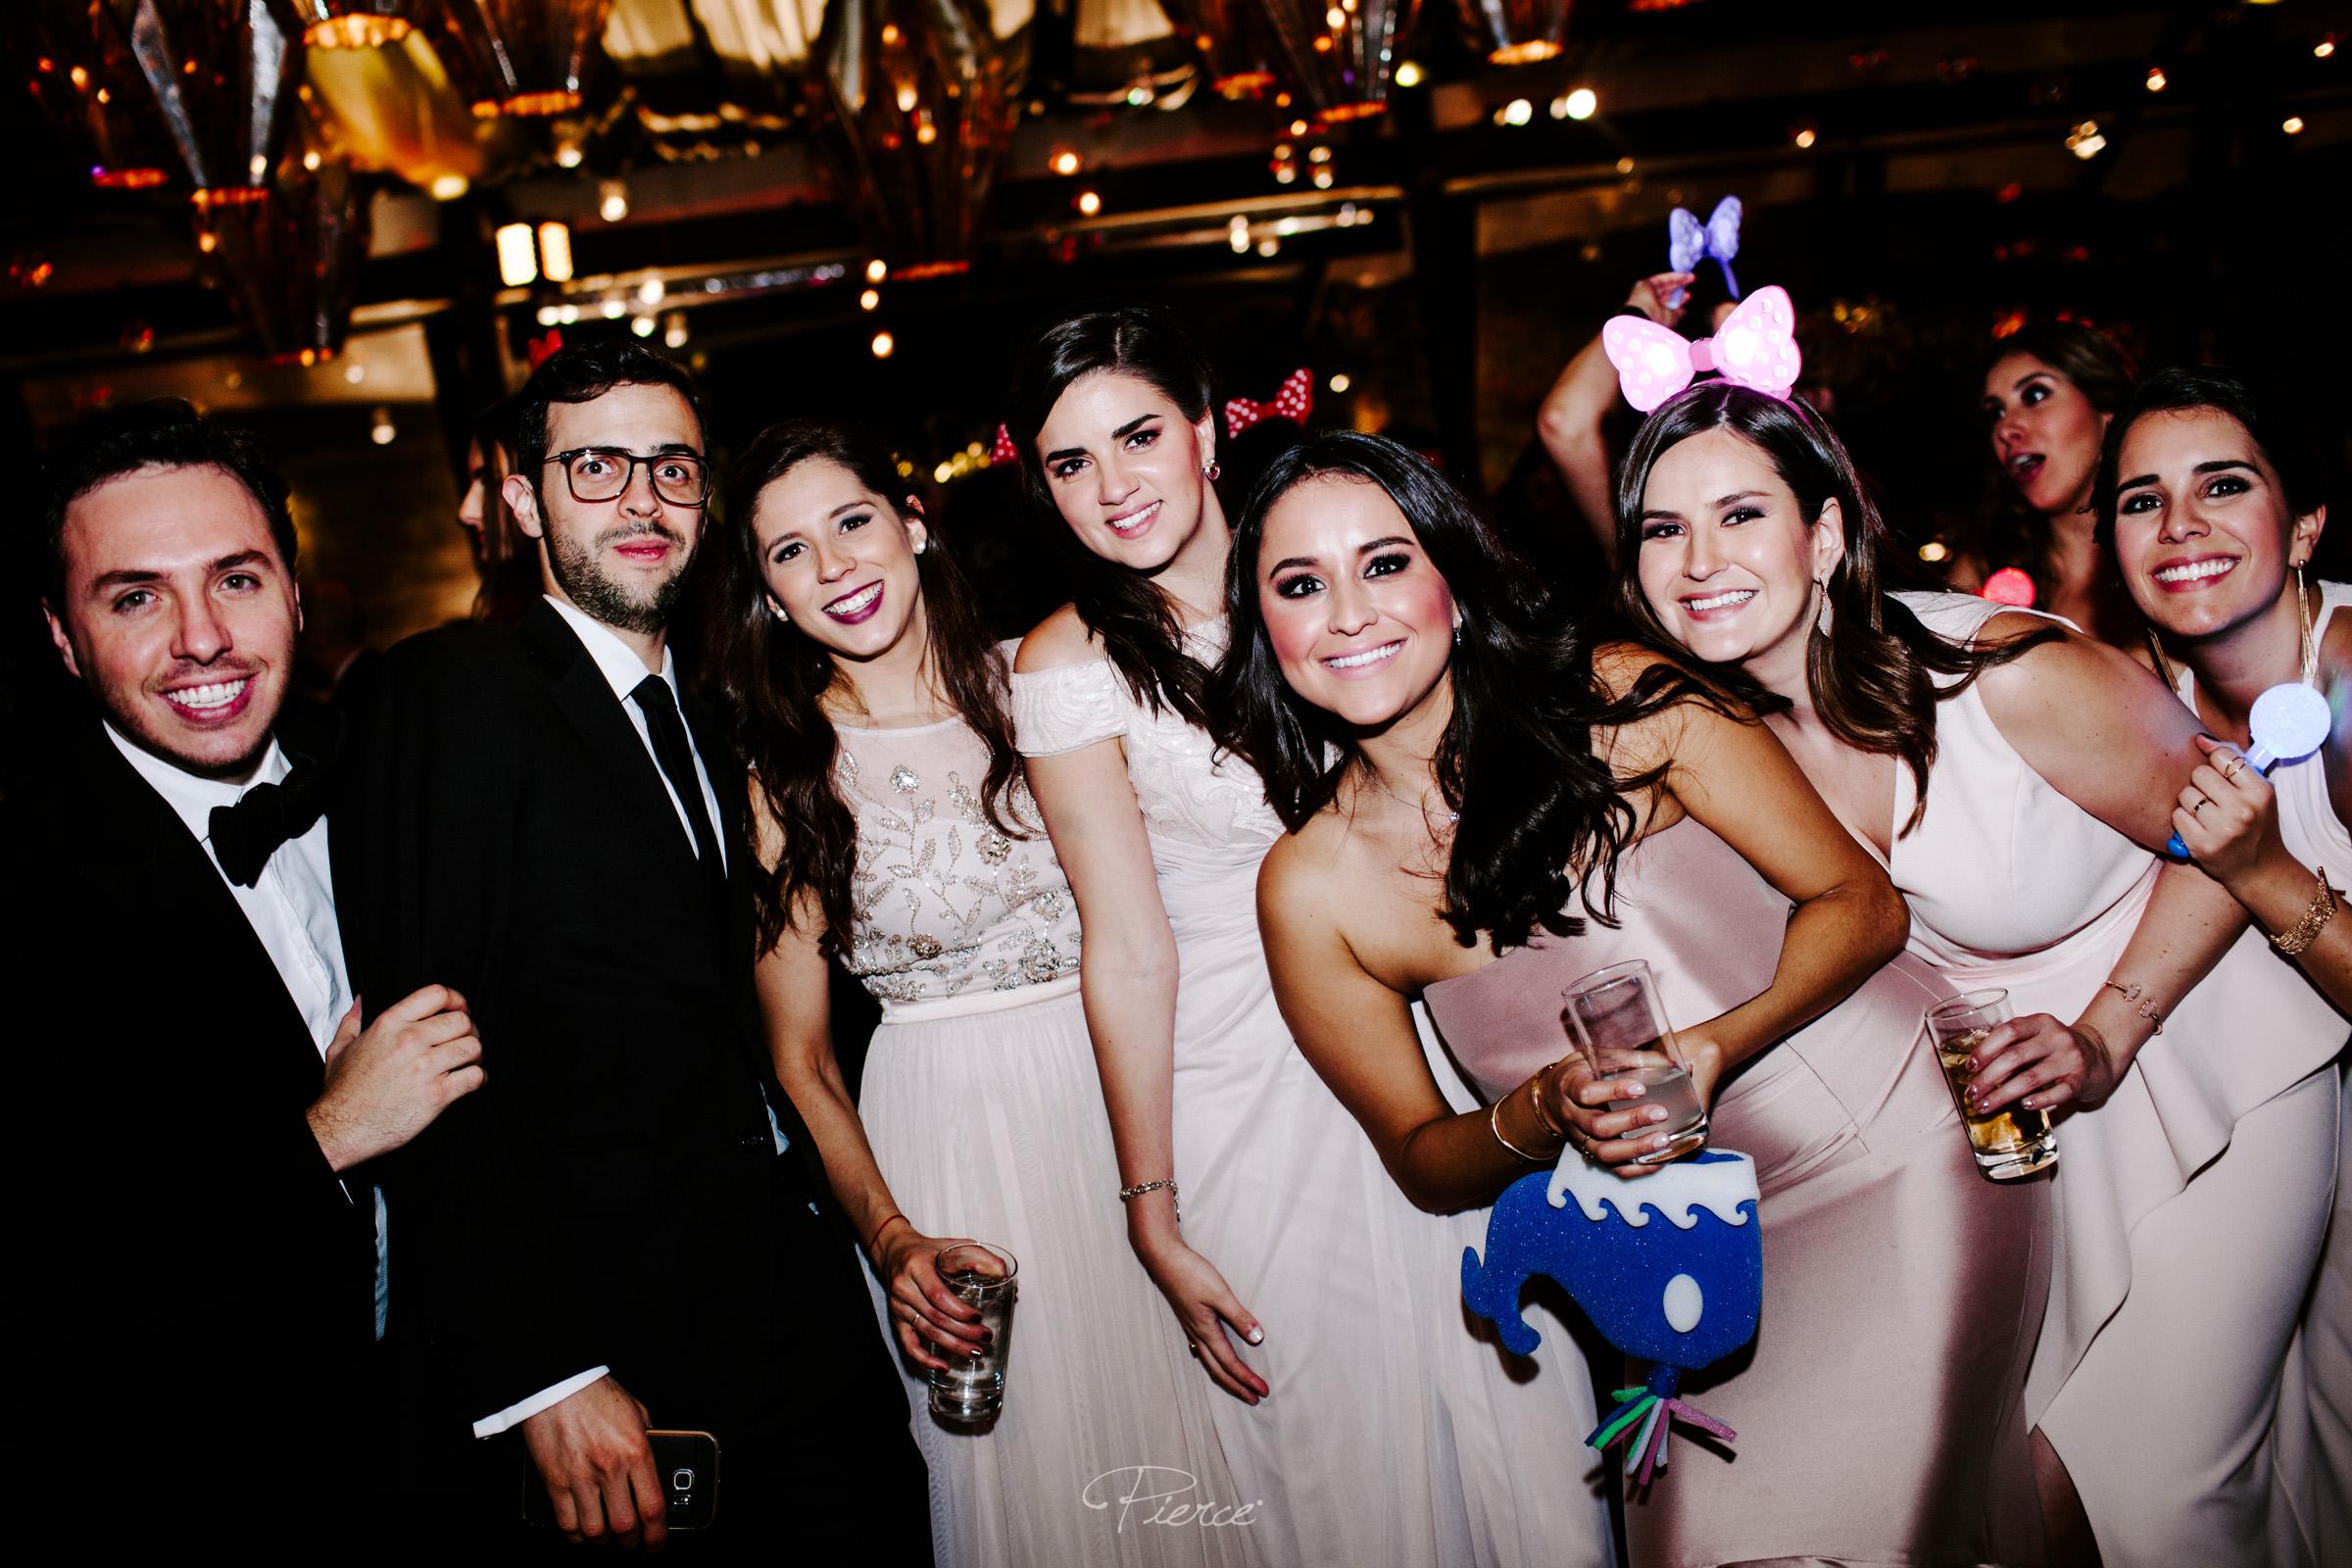 fotografia-de-boda-valle-de-bravo-mexico-rosmarino-pierce-weddings-0211.JPG